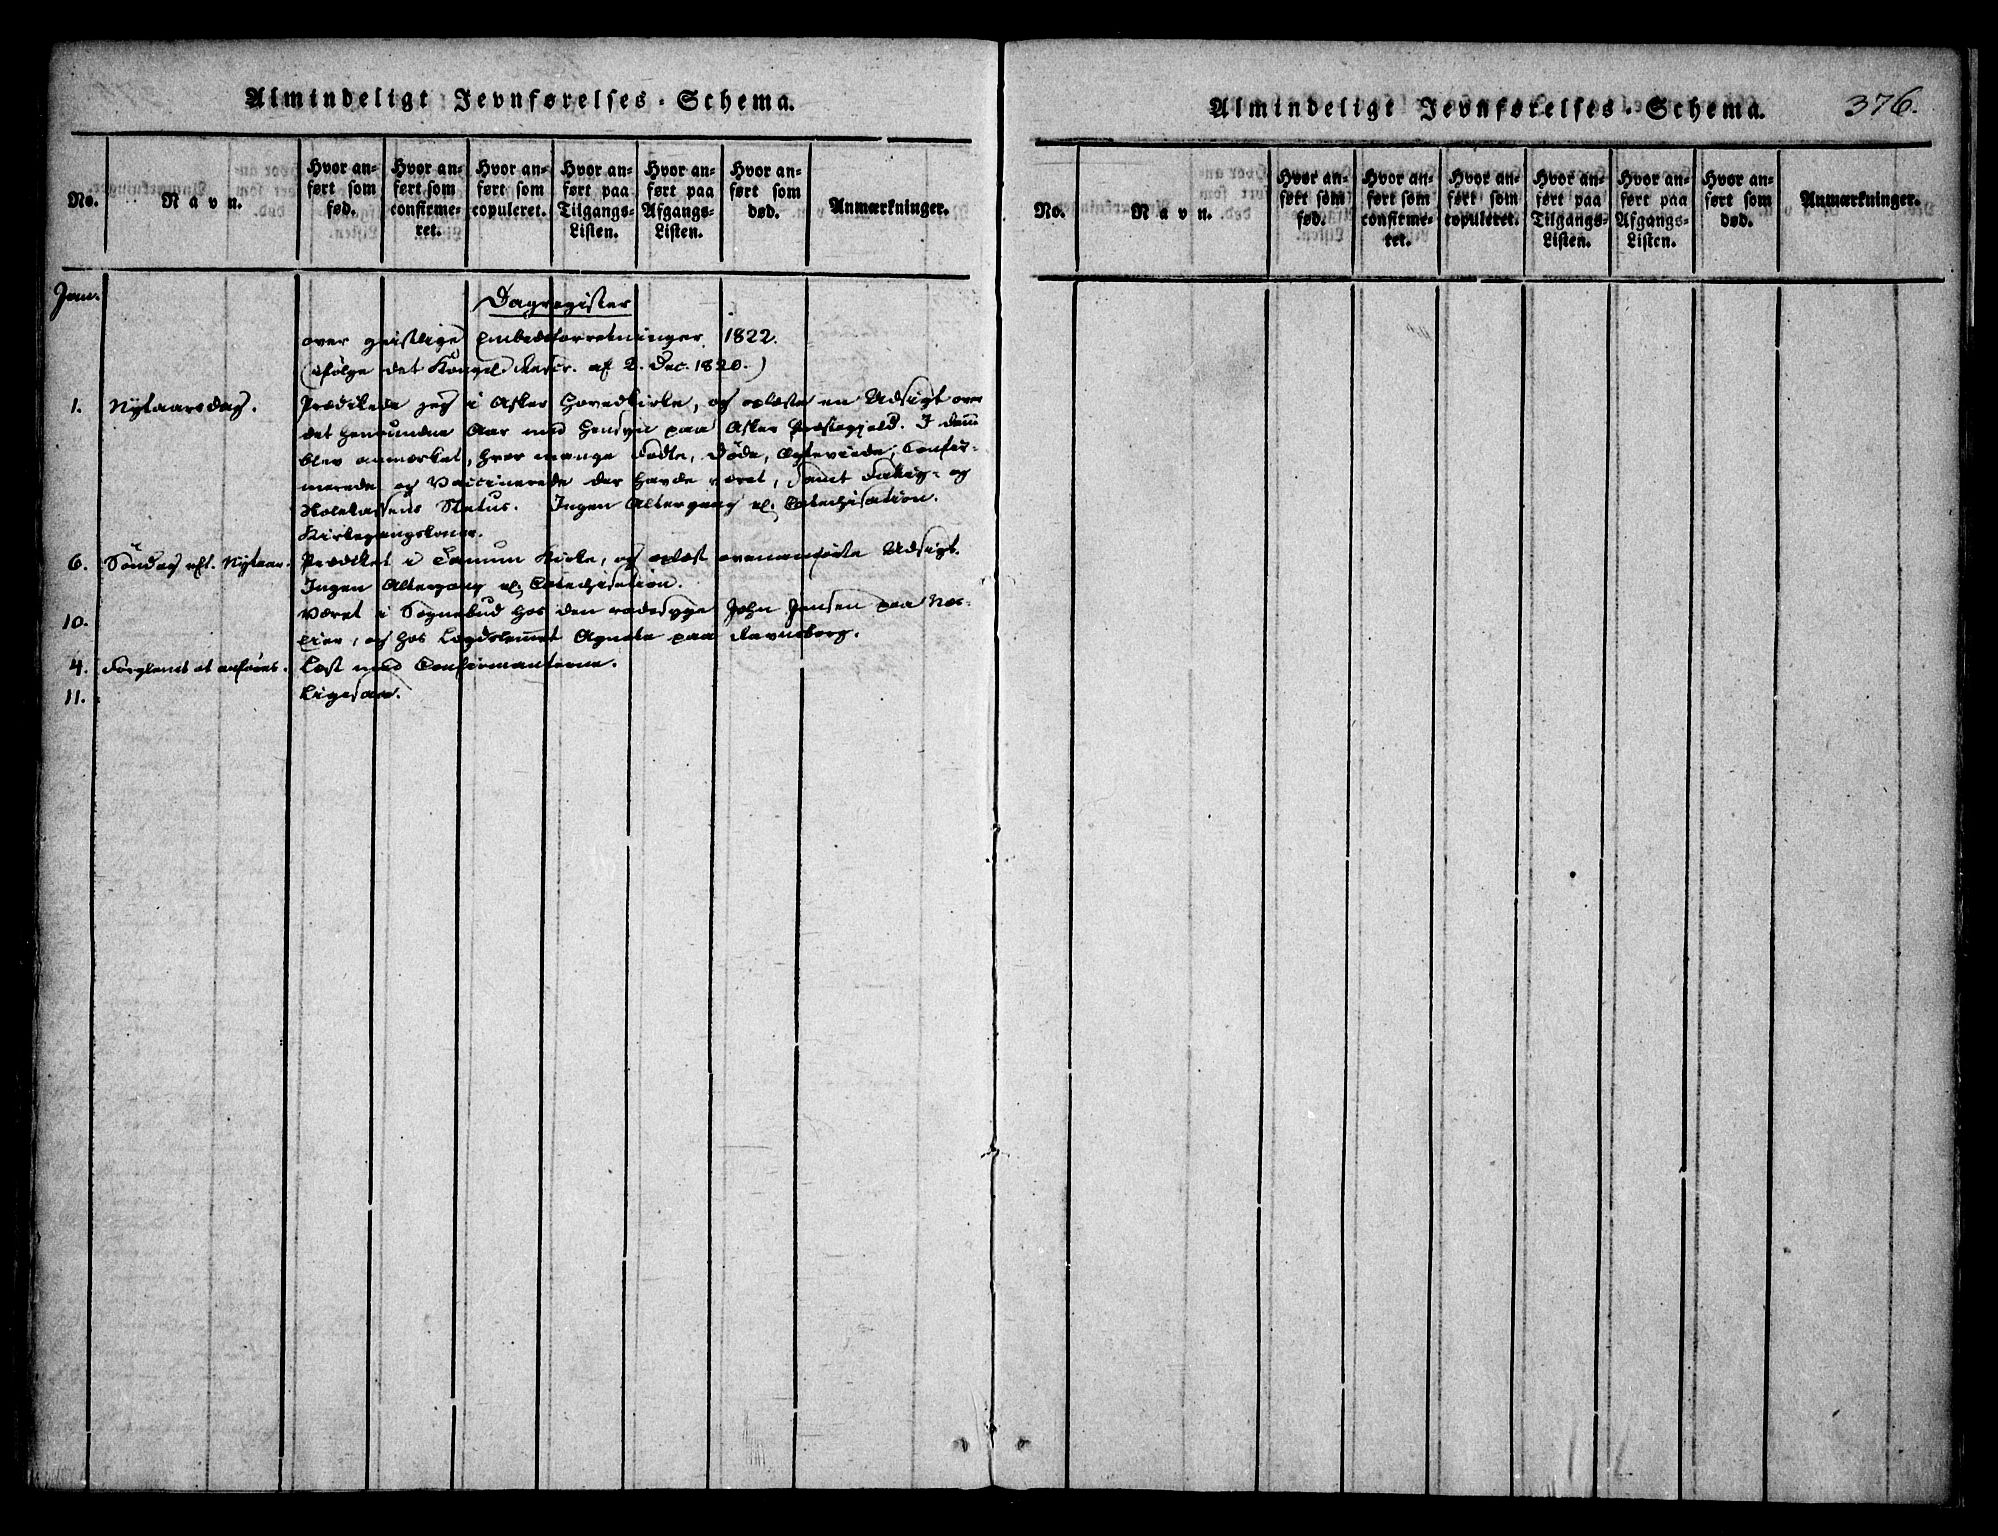 SAO, Asker prestekontor Kirkebøker, F/Fa/L0006: Ministerialbok nr. I 6, 1814-1824, s. 376